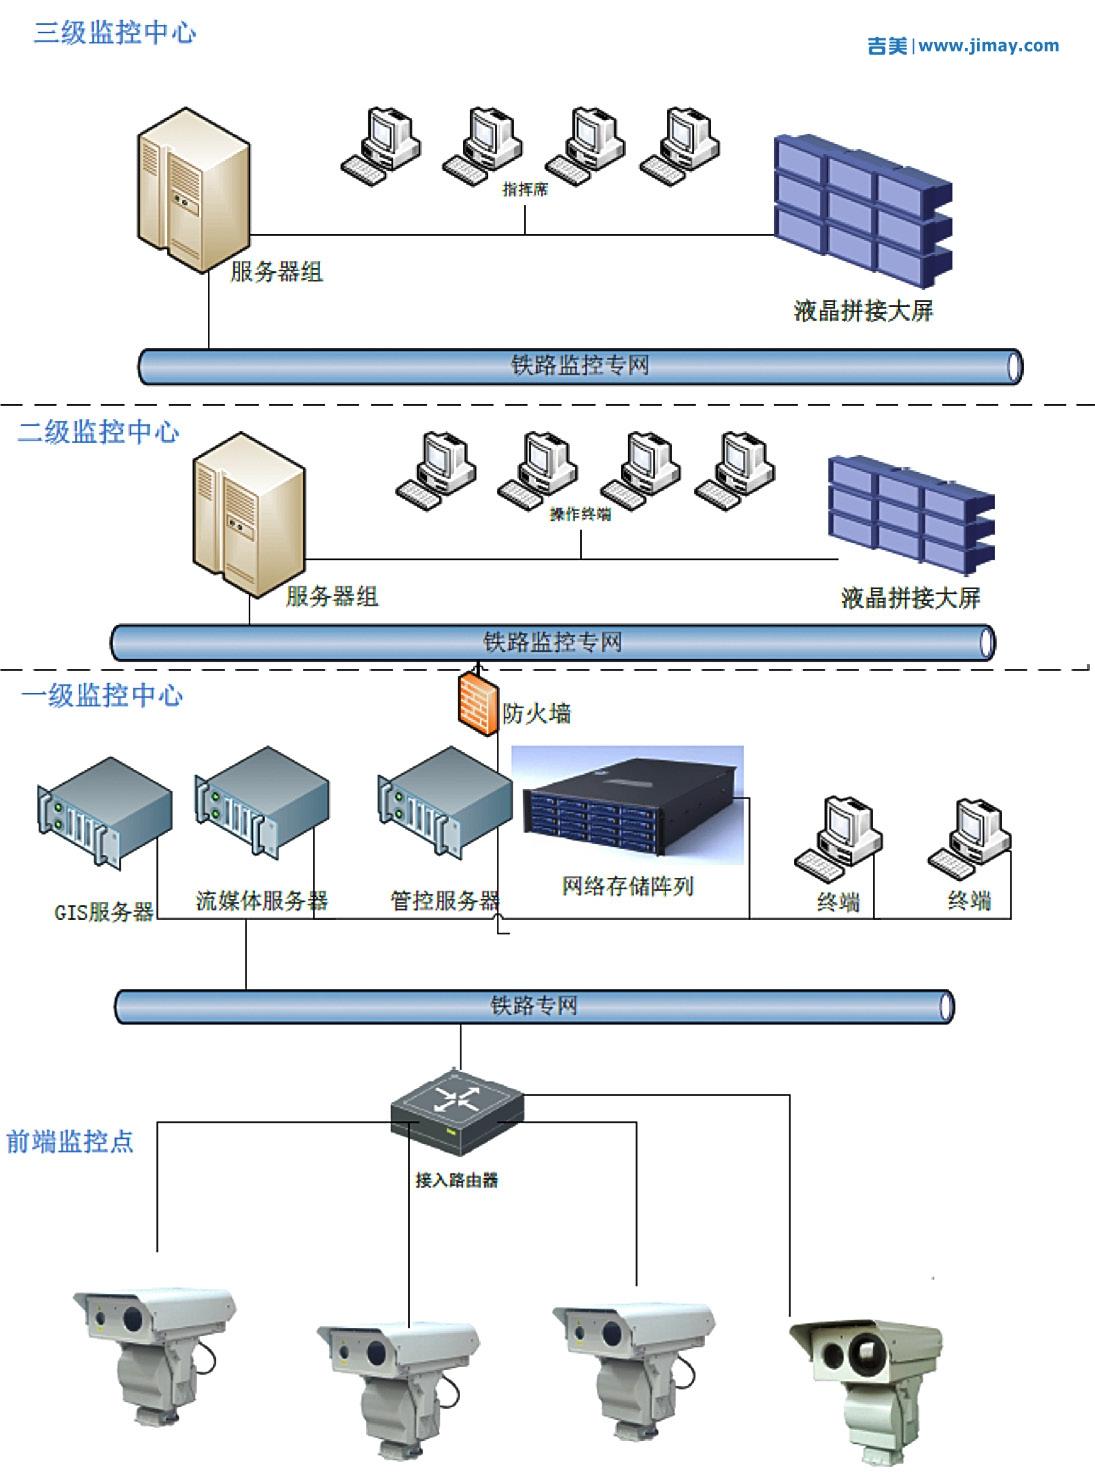 高铁智能安防视频监控系统